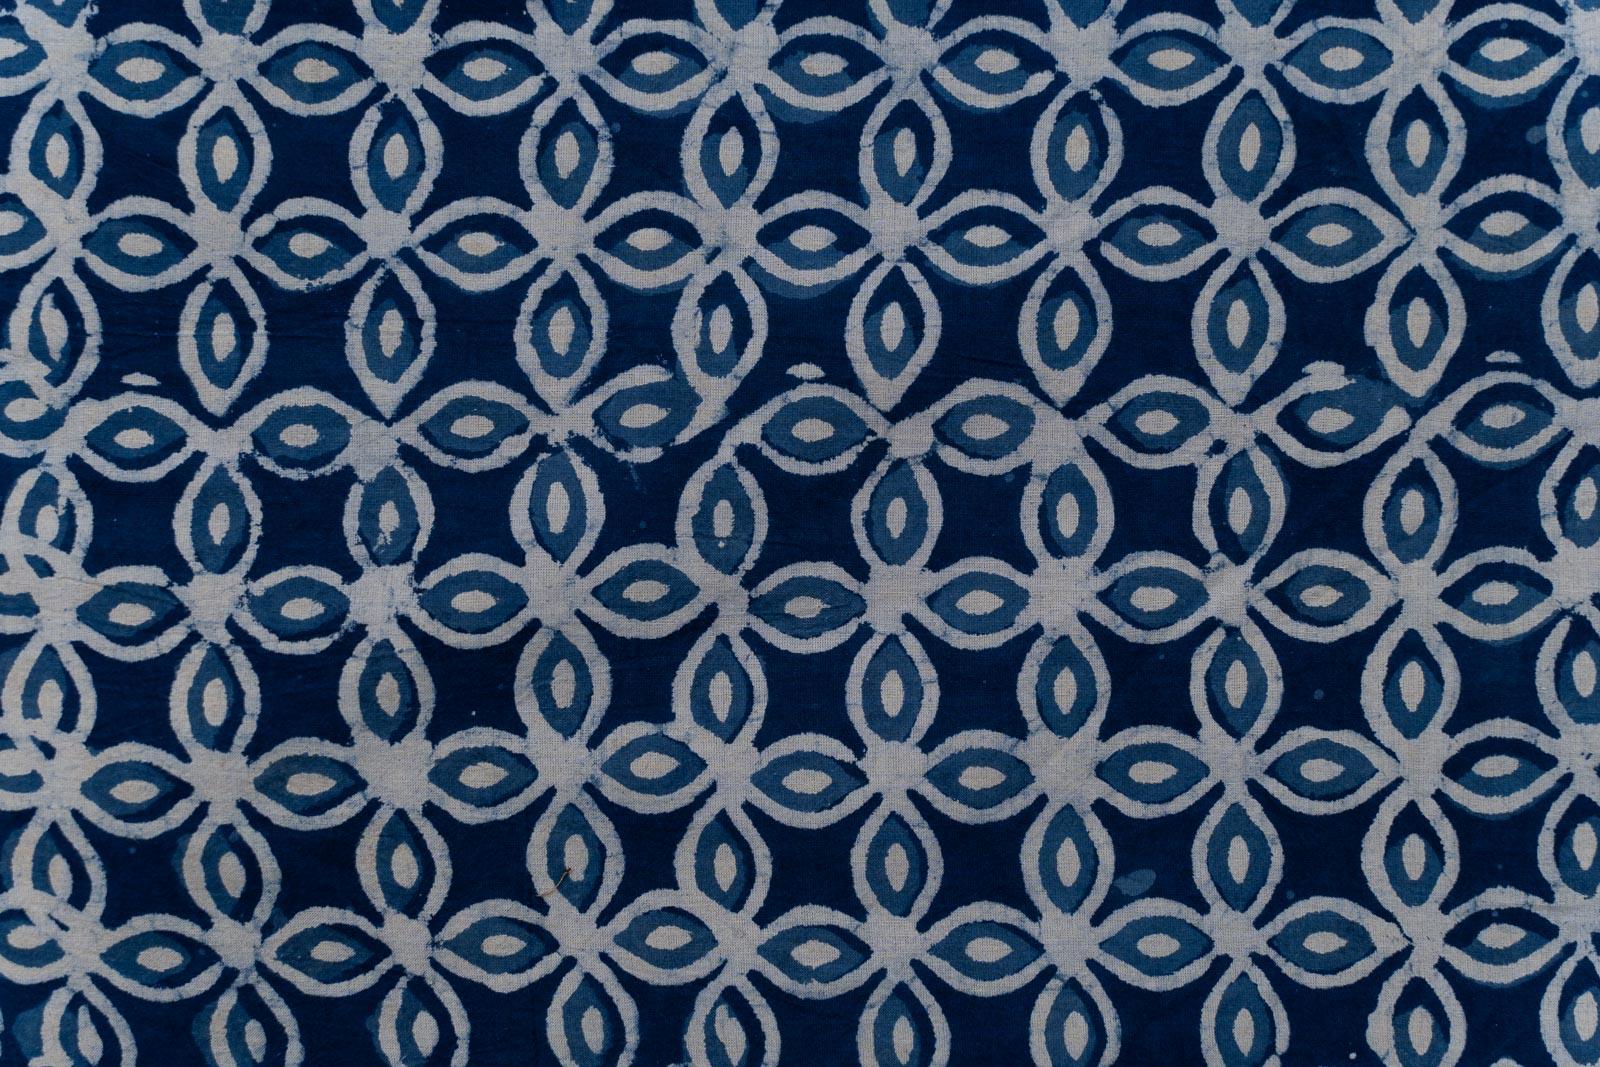 Indigo Designer Hand Block Printed Fabric